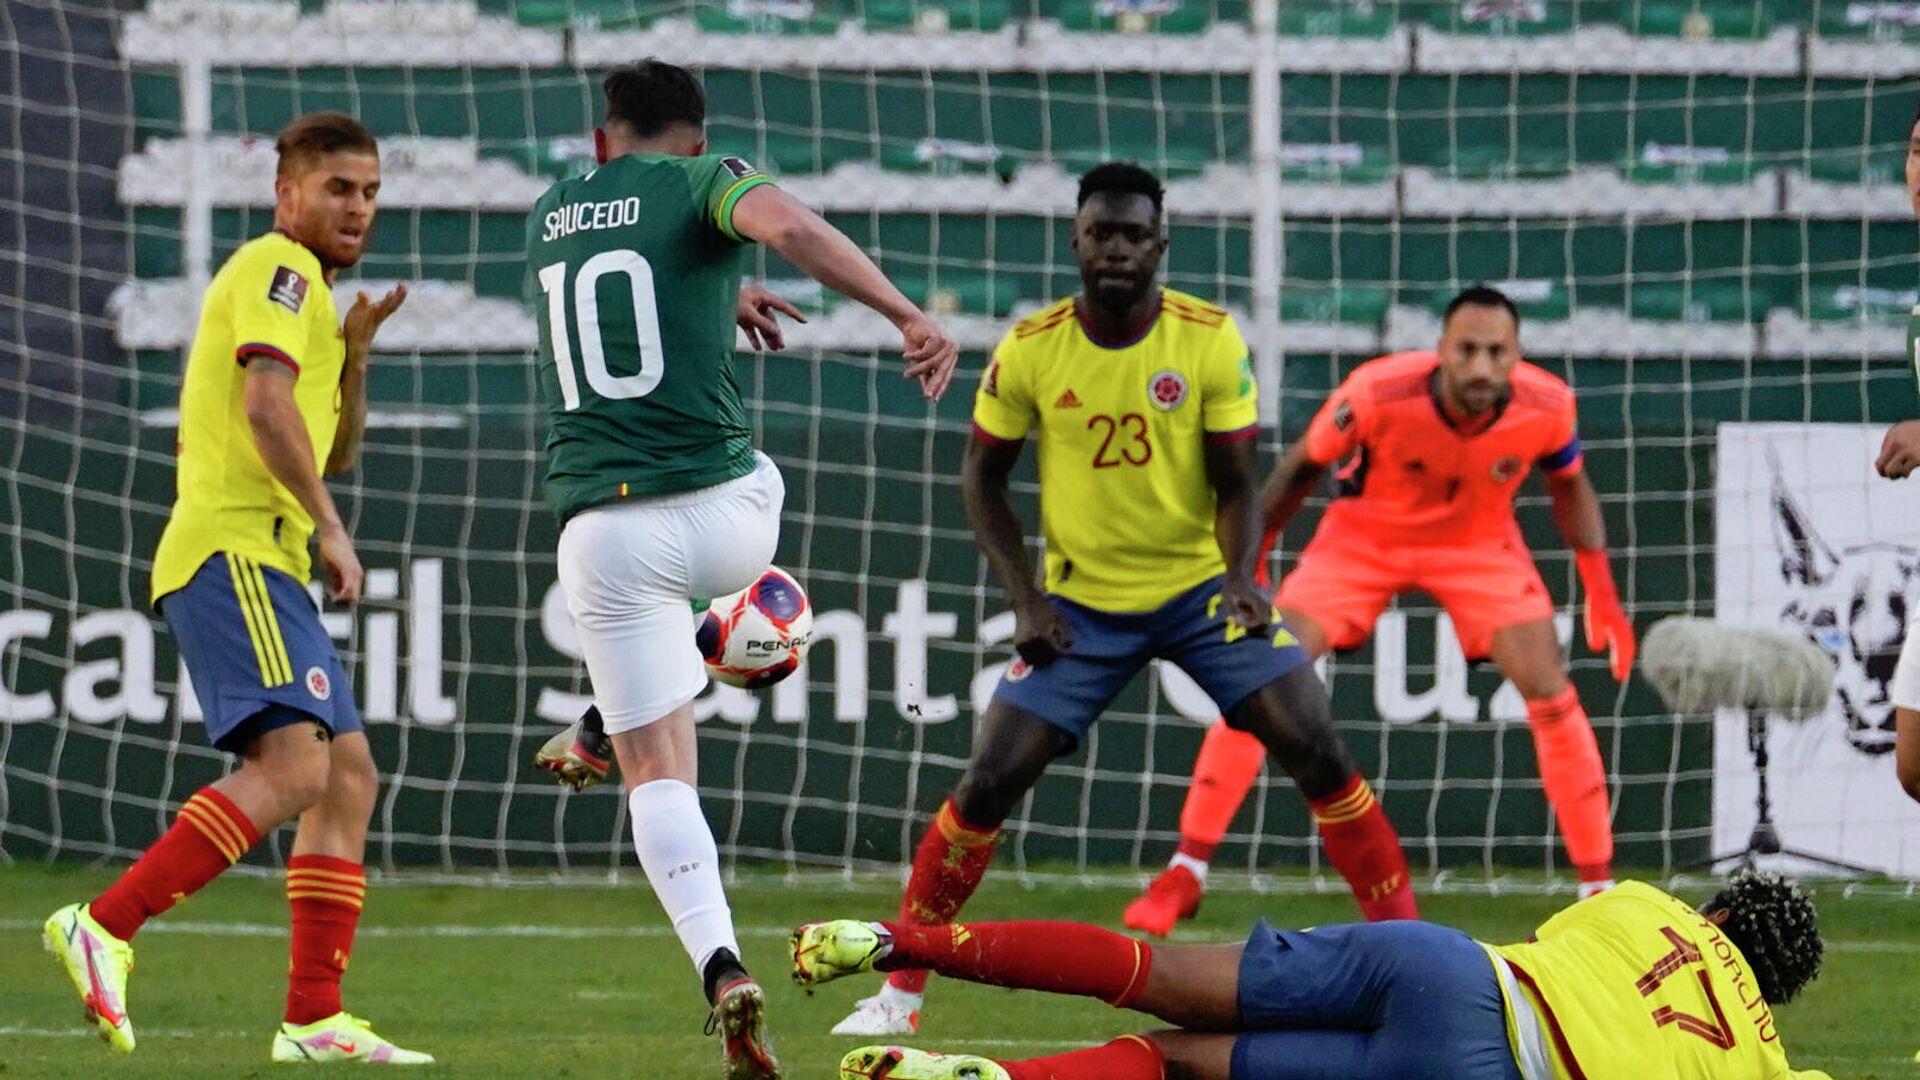 Colombia y Bolivia empatan 1-1 en novena fecha de eliminatorias a Catar  2022 - 03.09.2021, Sputnik Mundo